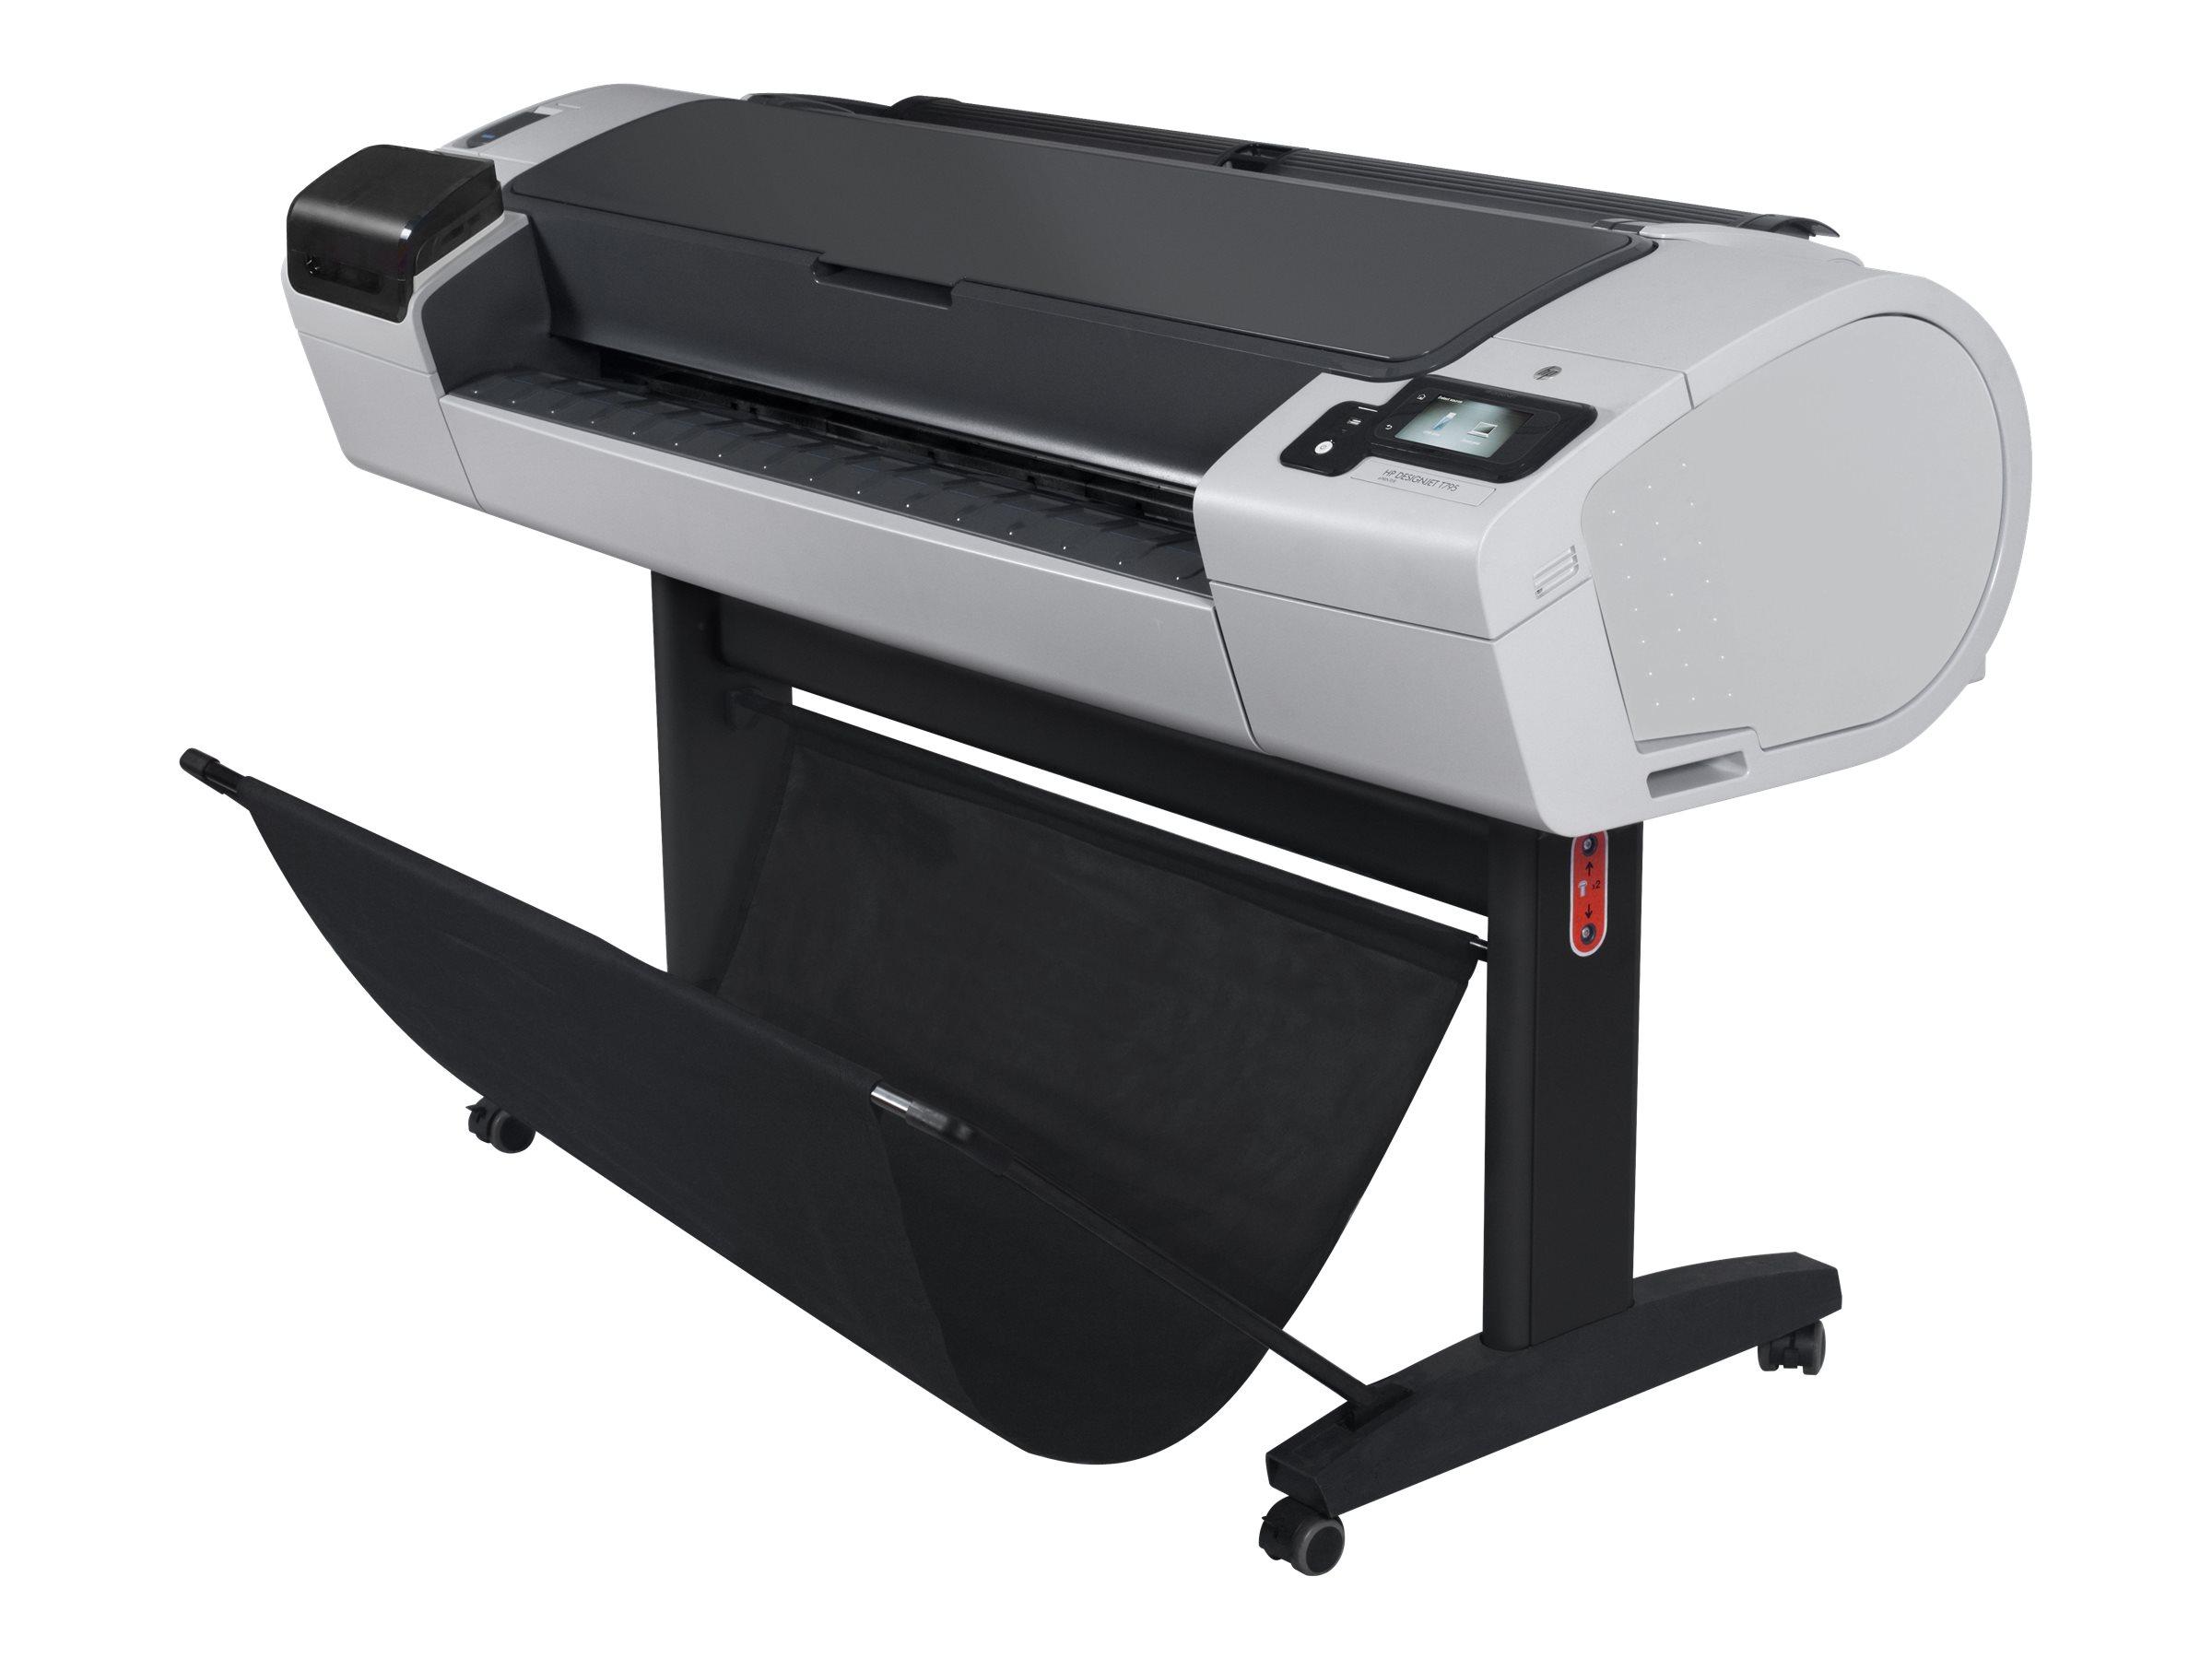 """Vorschau: HP DesignJet T795 ePrinter - 1118 mm (44"""") Großformatdrucker - Farbe - Tintenstrahl - Rolle (111,8 cm)"""